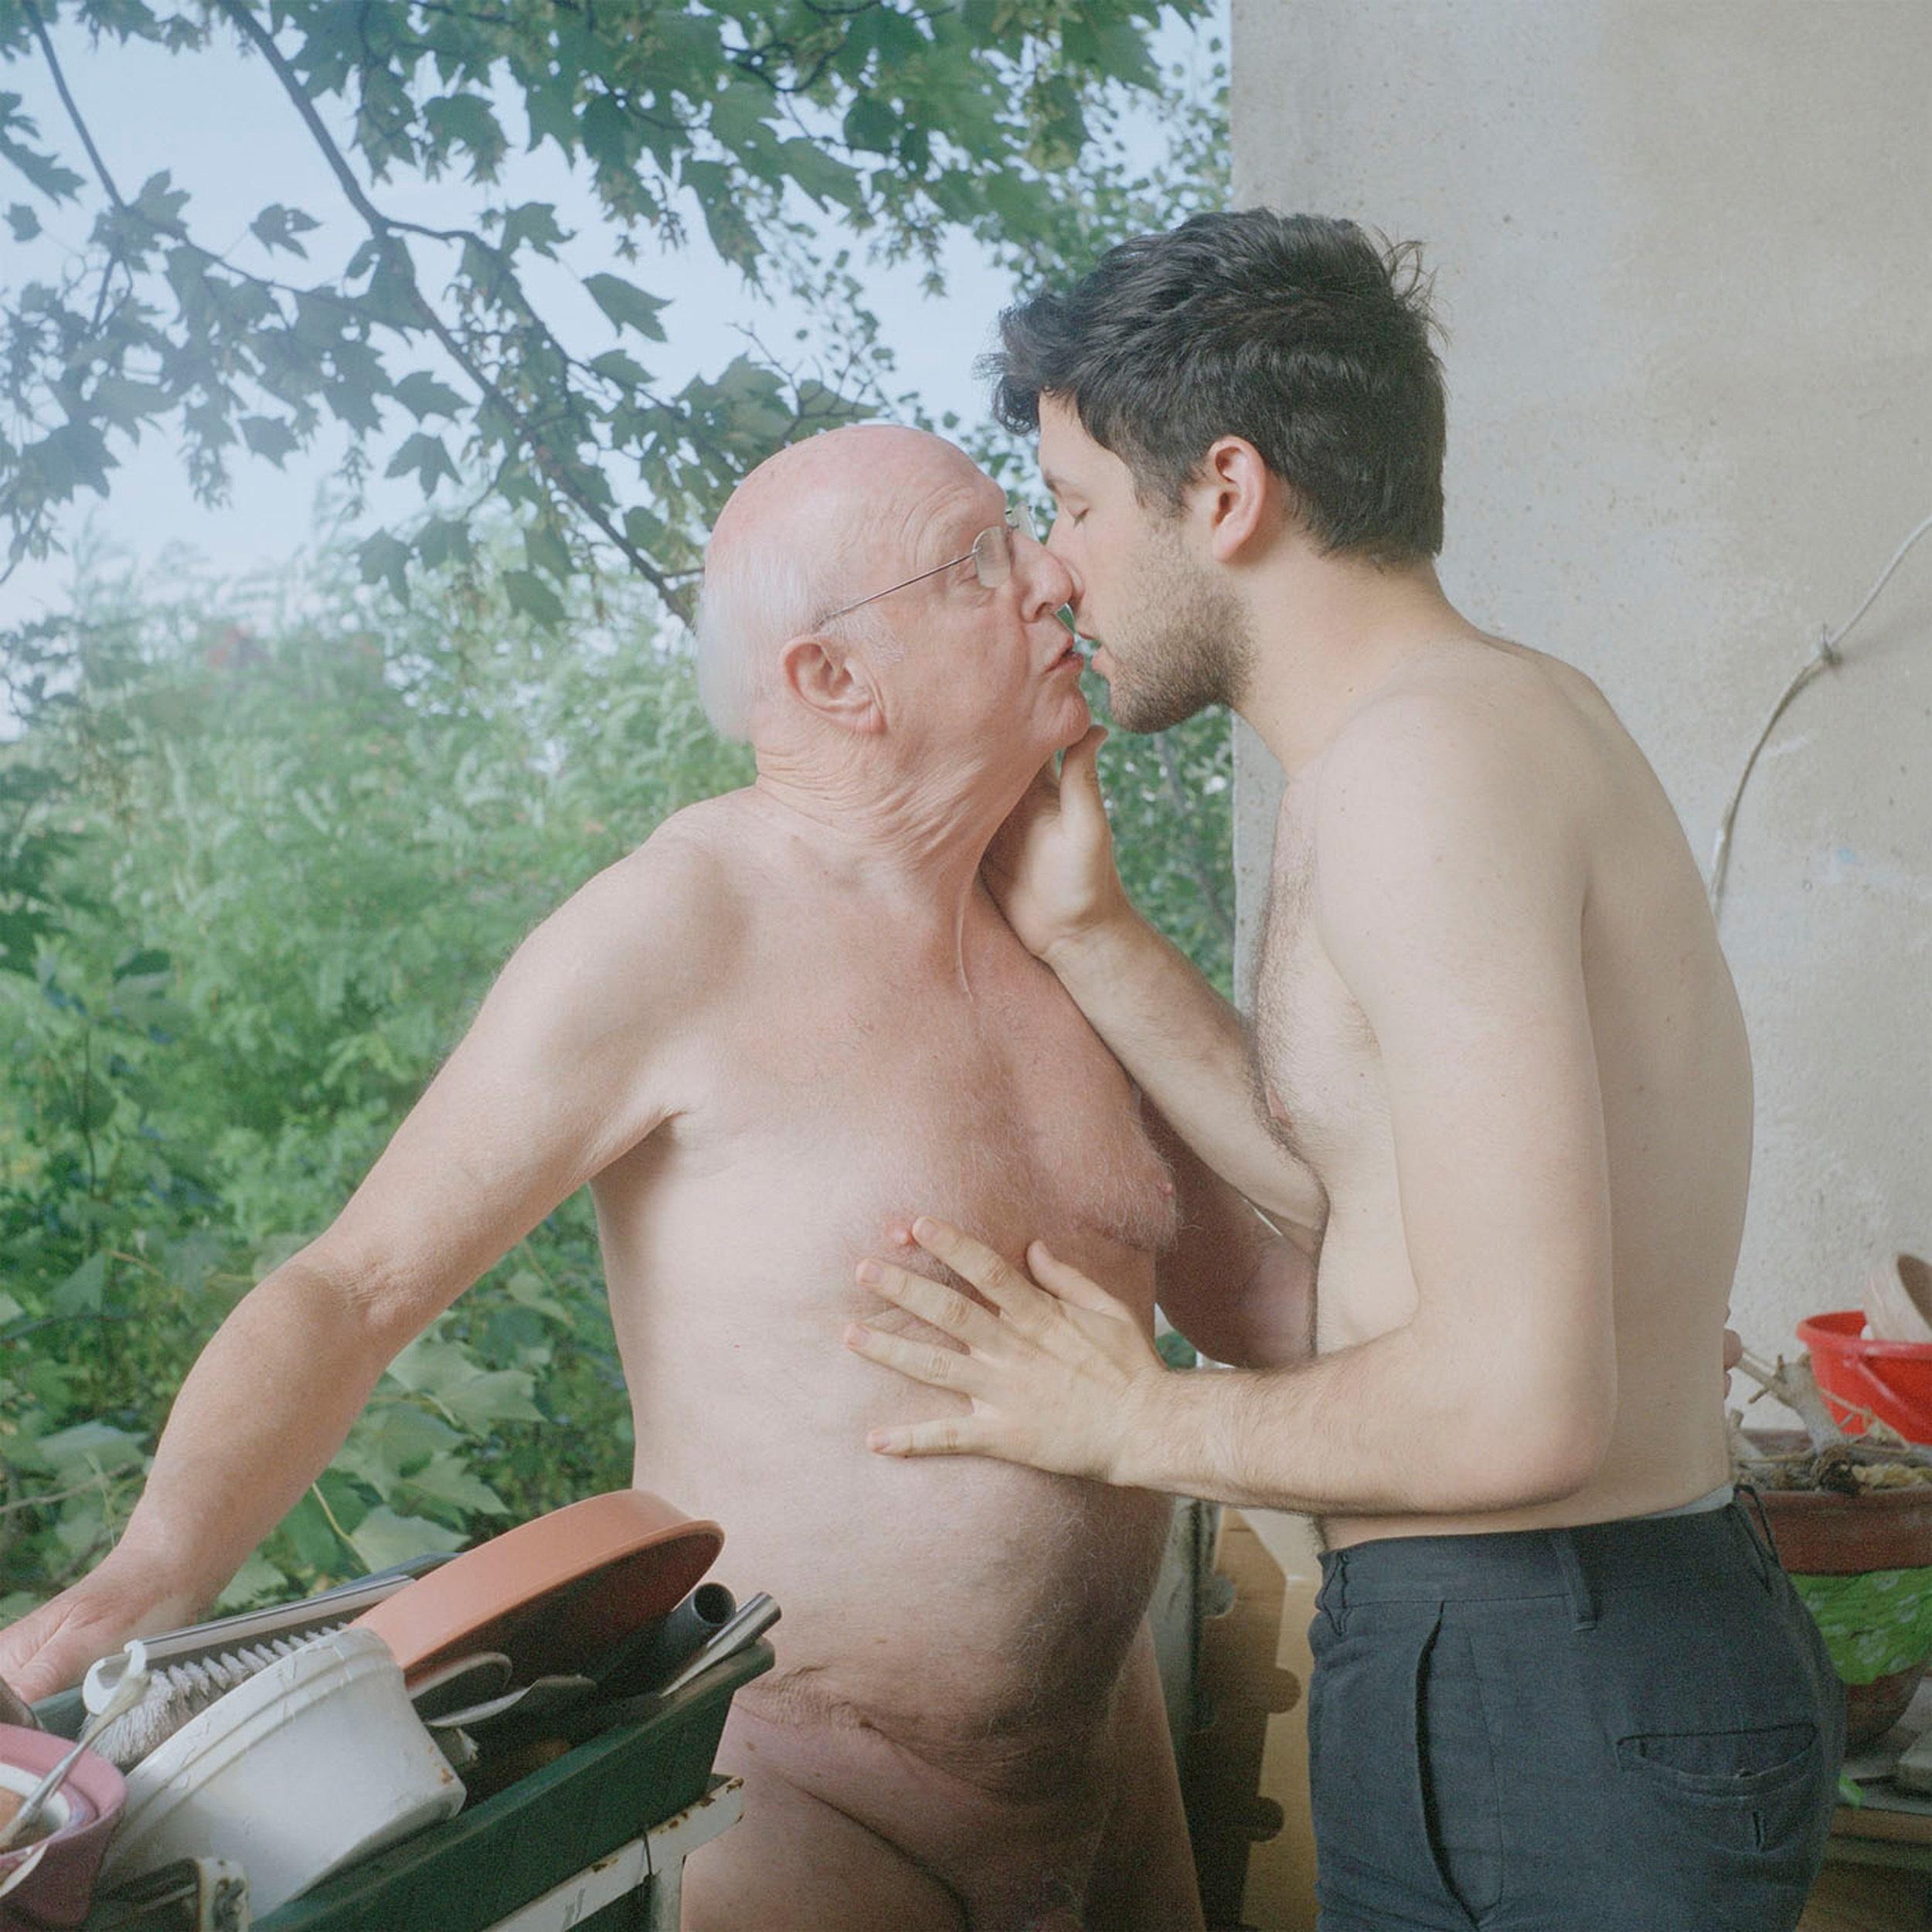 Τελετουργικό σεξ βίντεο